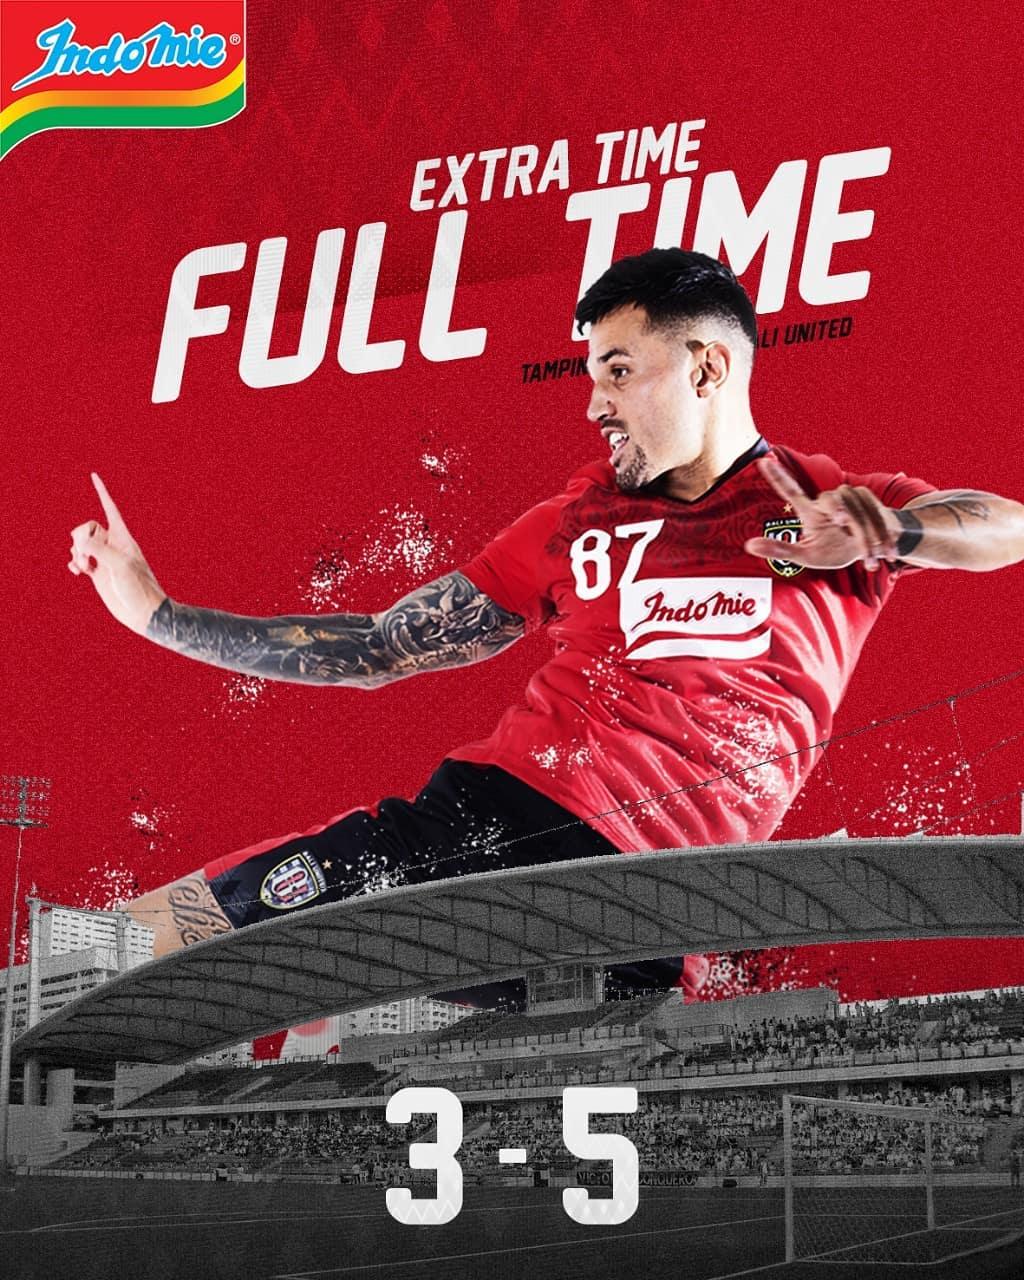 Hasil pertandingan Tampines Rovers 3-5 Bali United